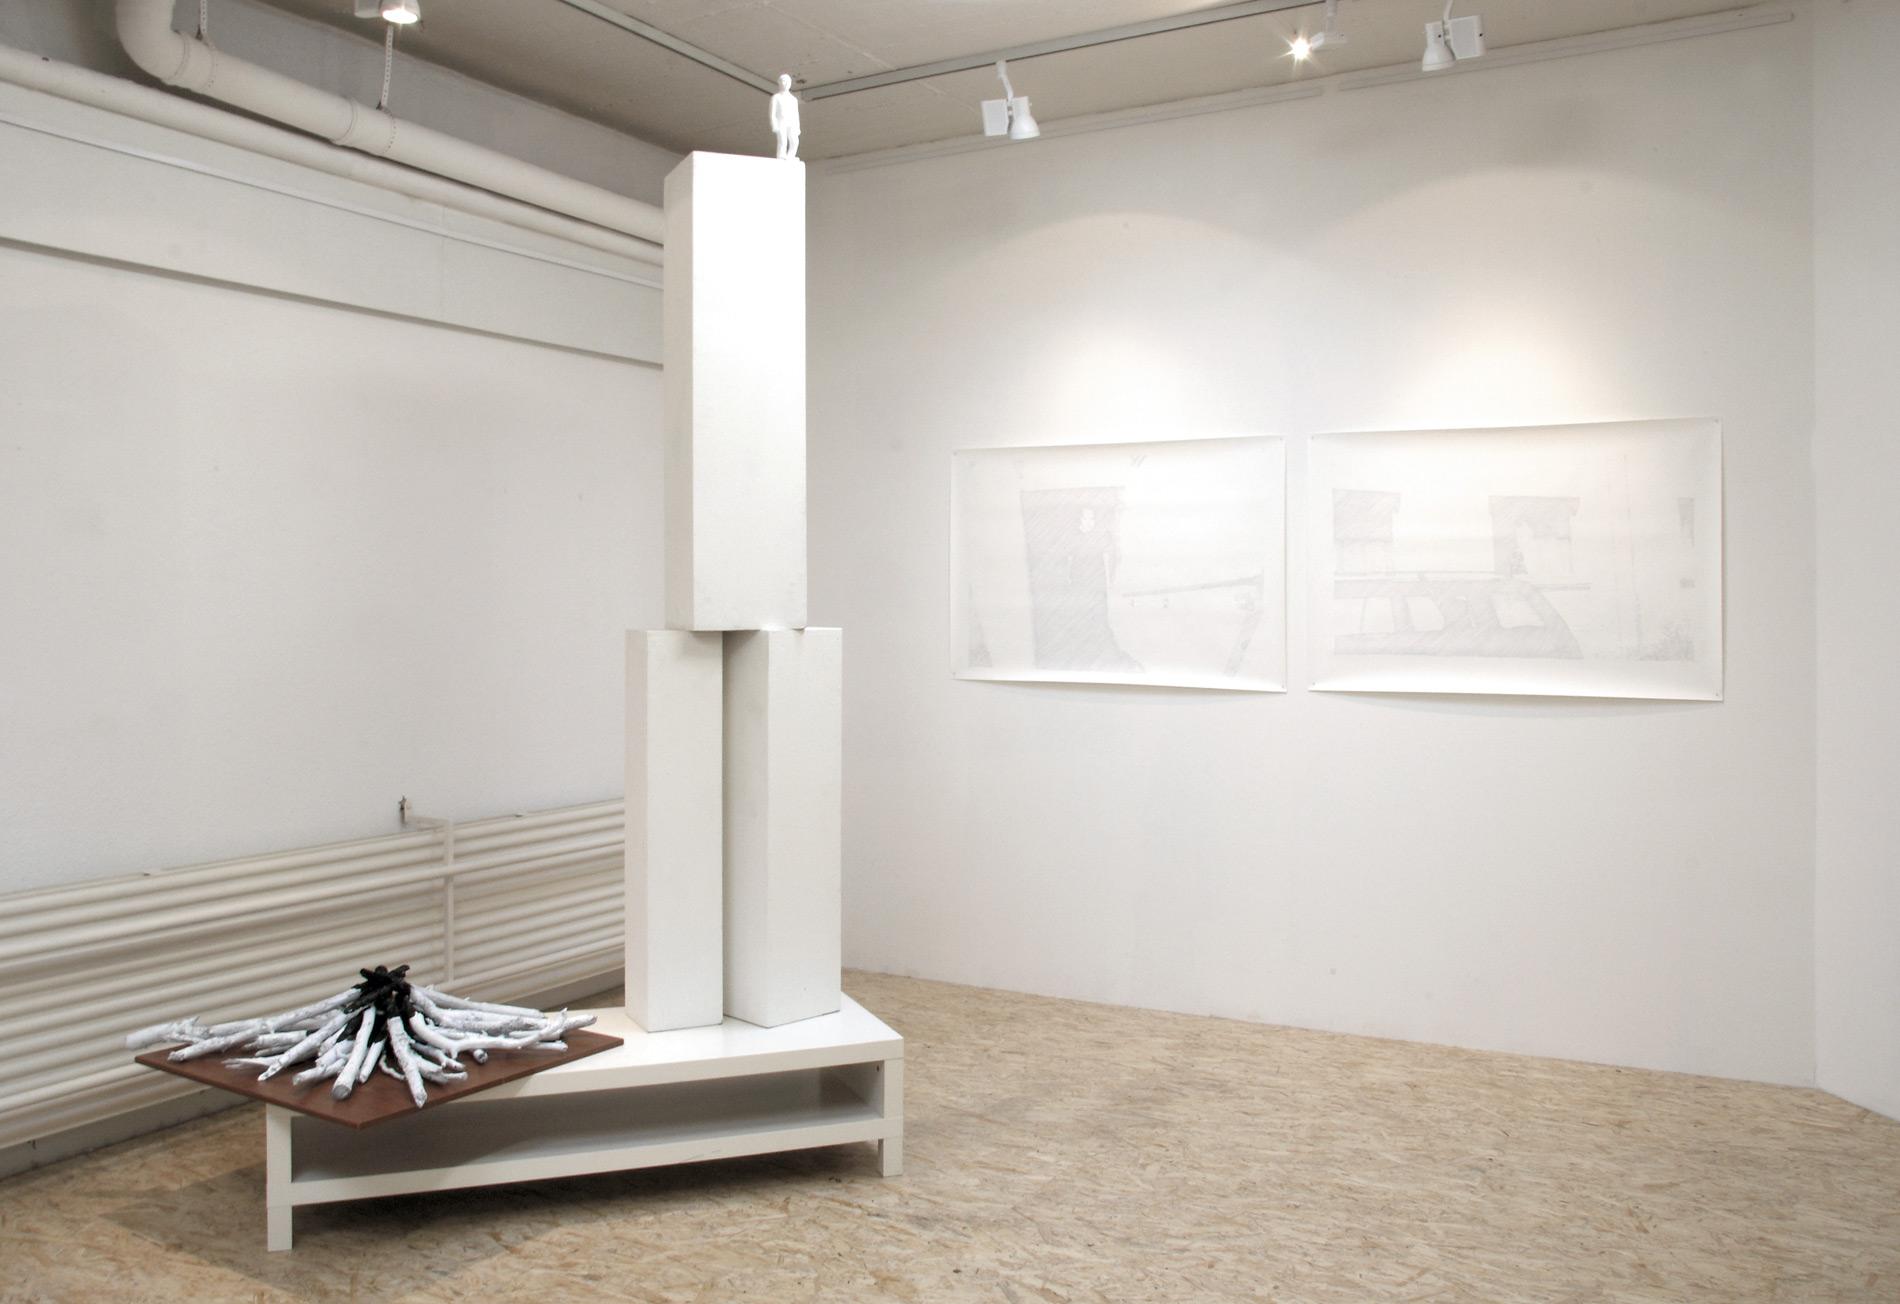 Michael Göbel - Endlich allein, 2008